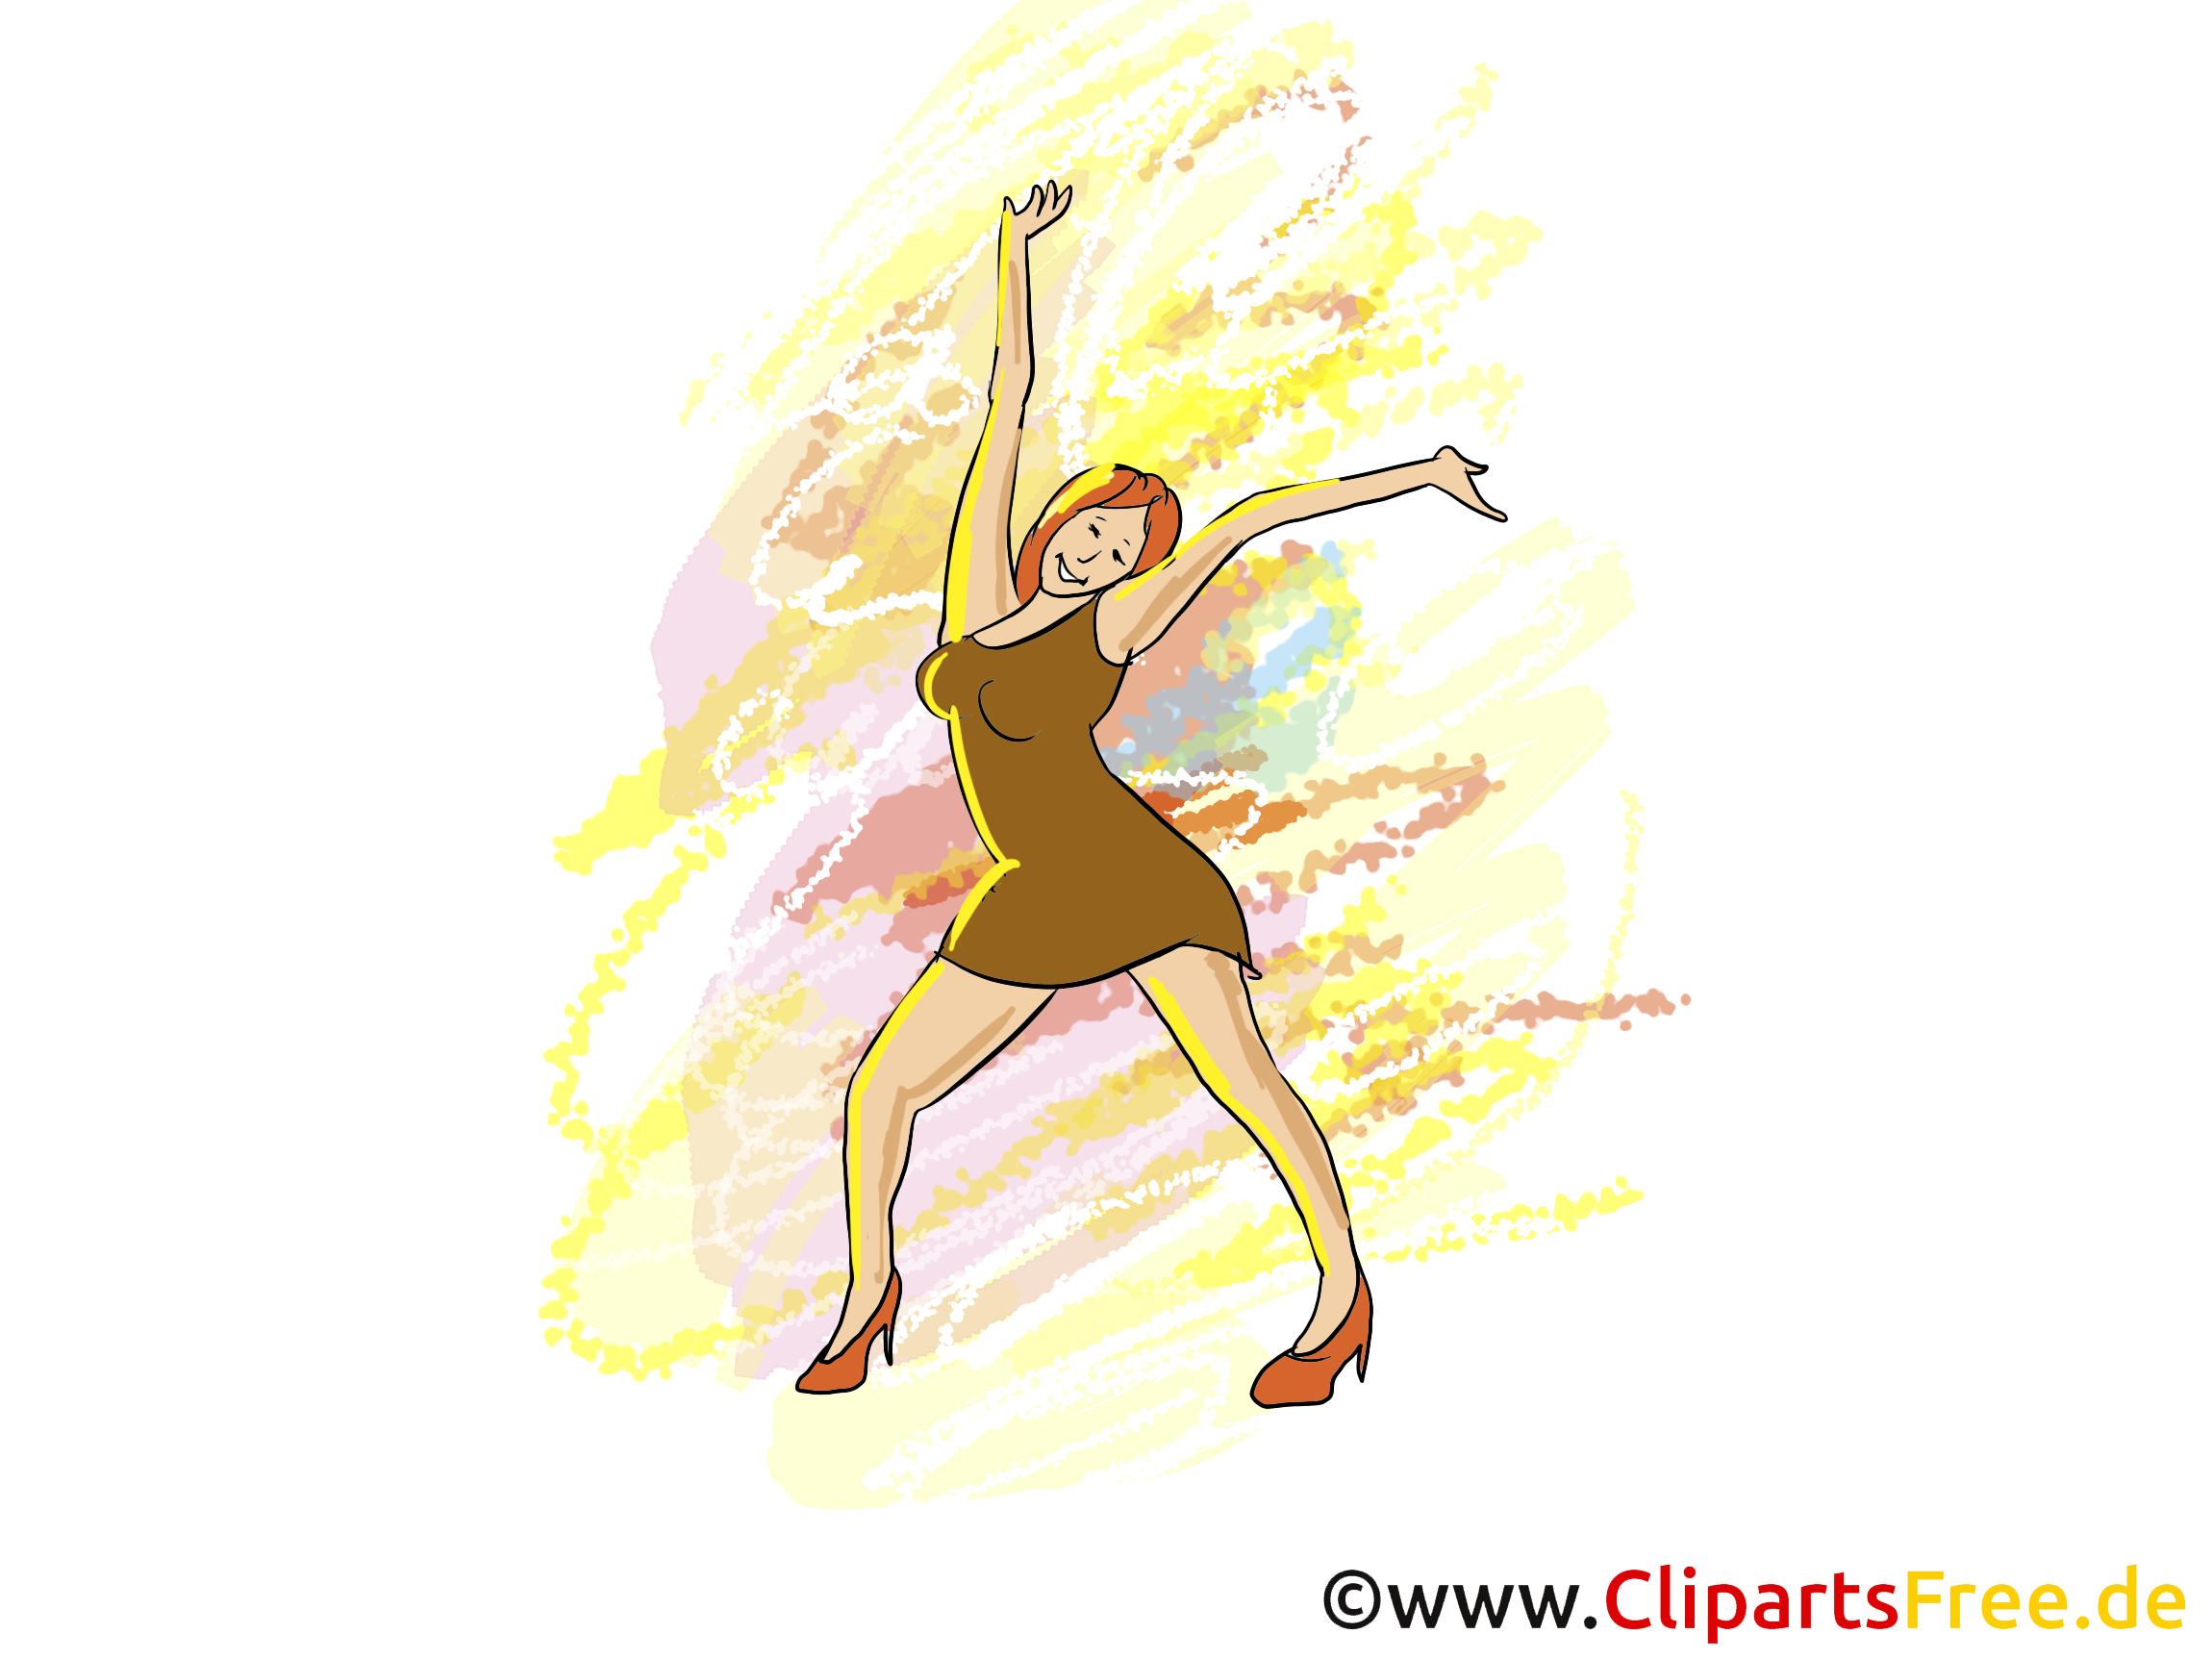 Disco cliparts gratuis - Danse images gratuites